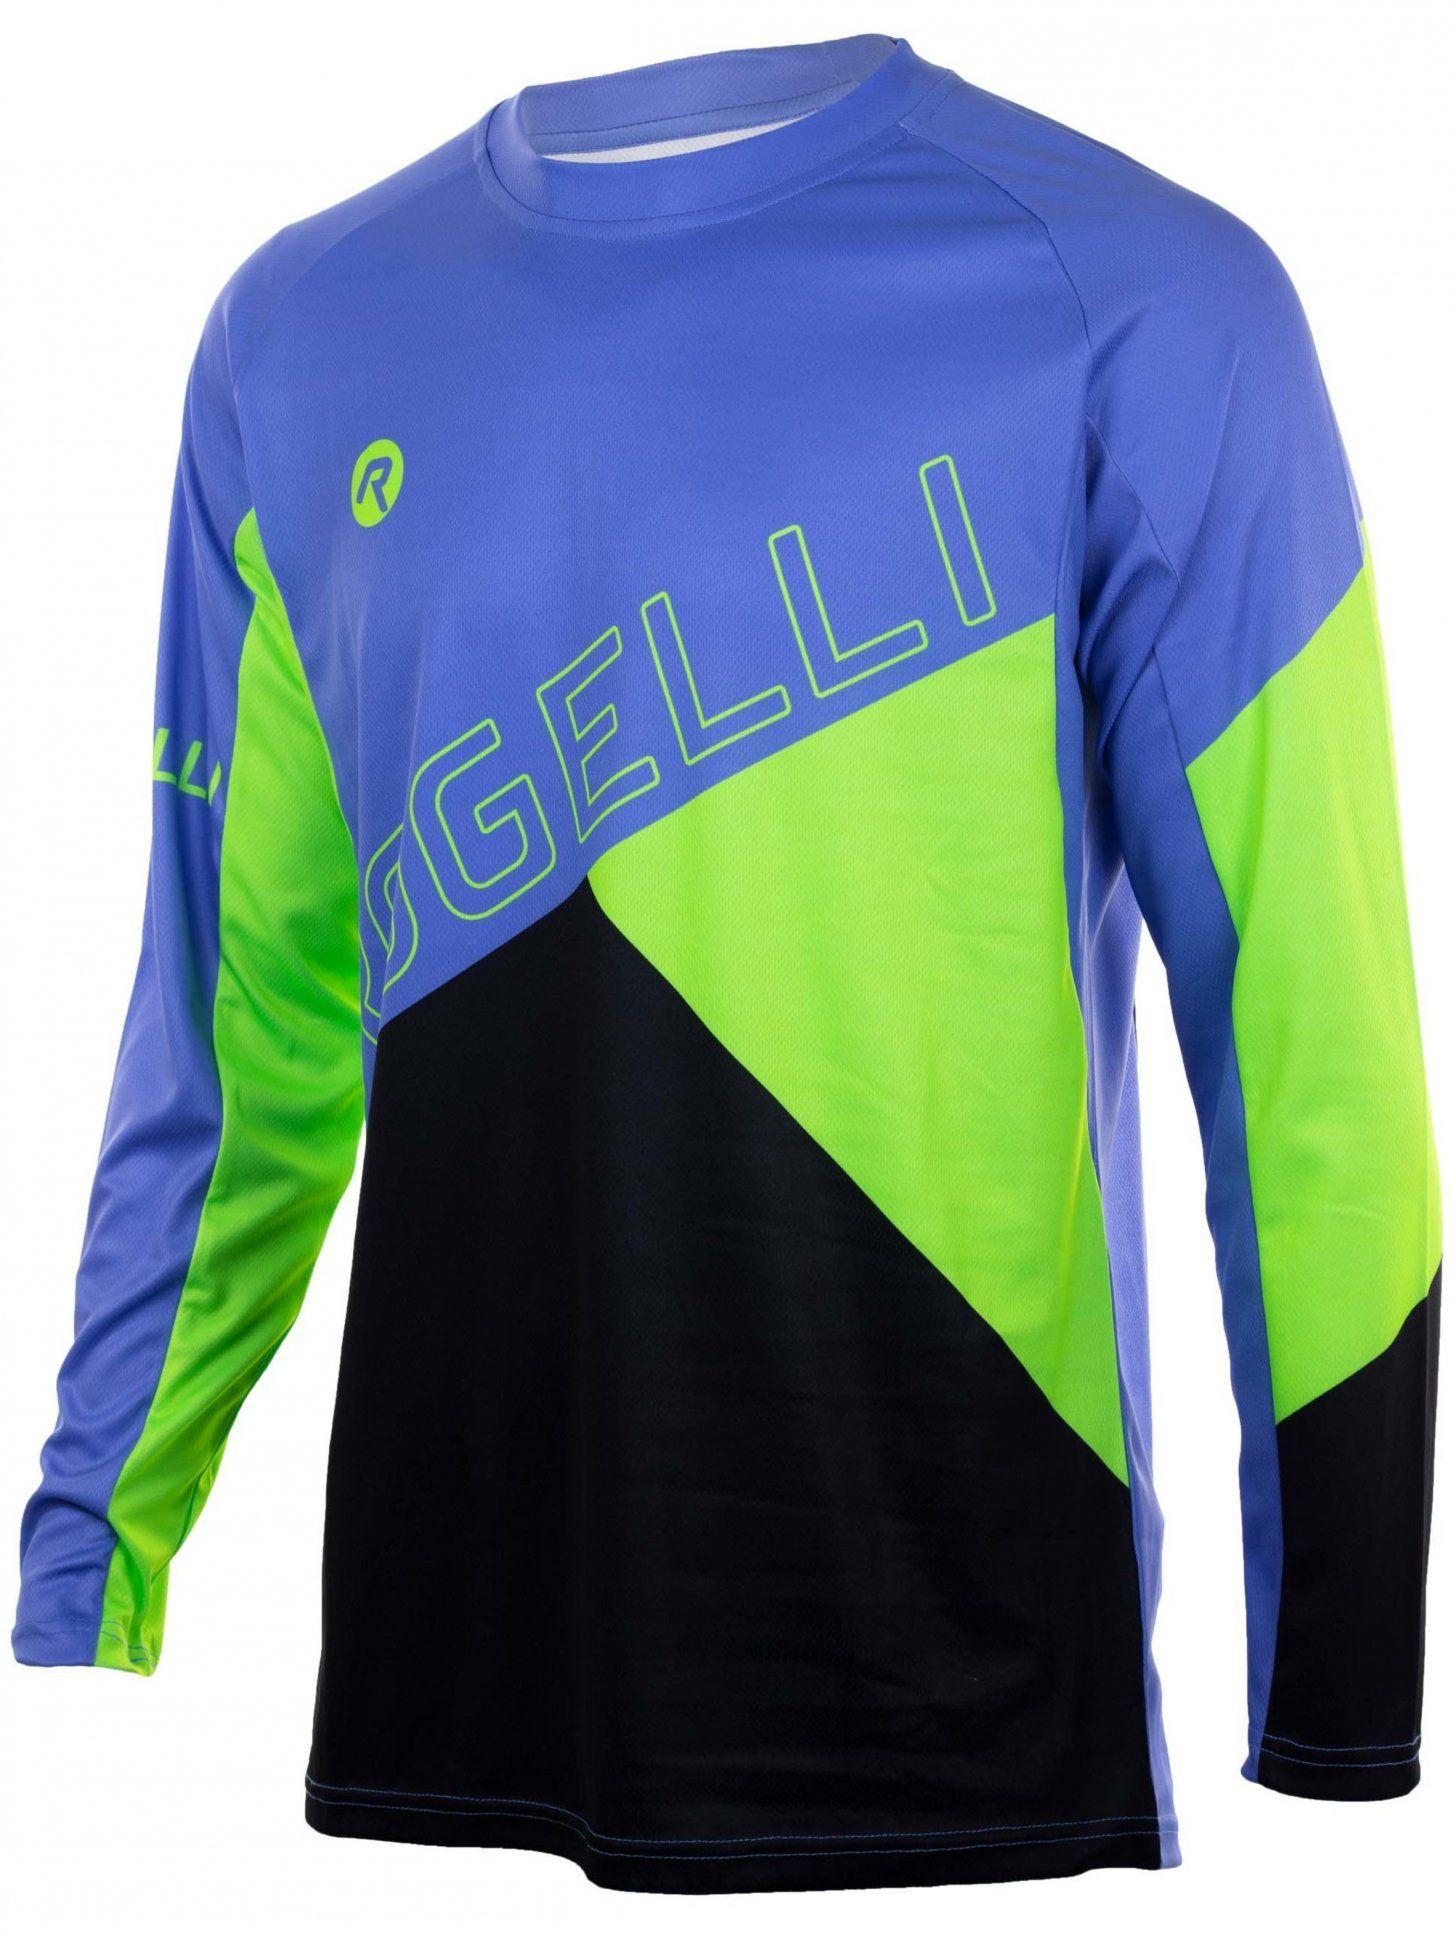 ROGELLI ADVENTURE męska koszulka rowerowa MTB z długim rekawem niebiesko-fluorowa 060.111 Rozmiar: L,ADVENTURE 060.111